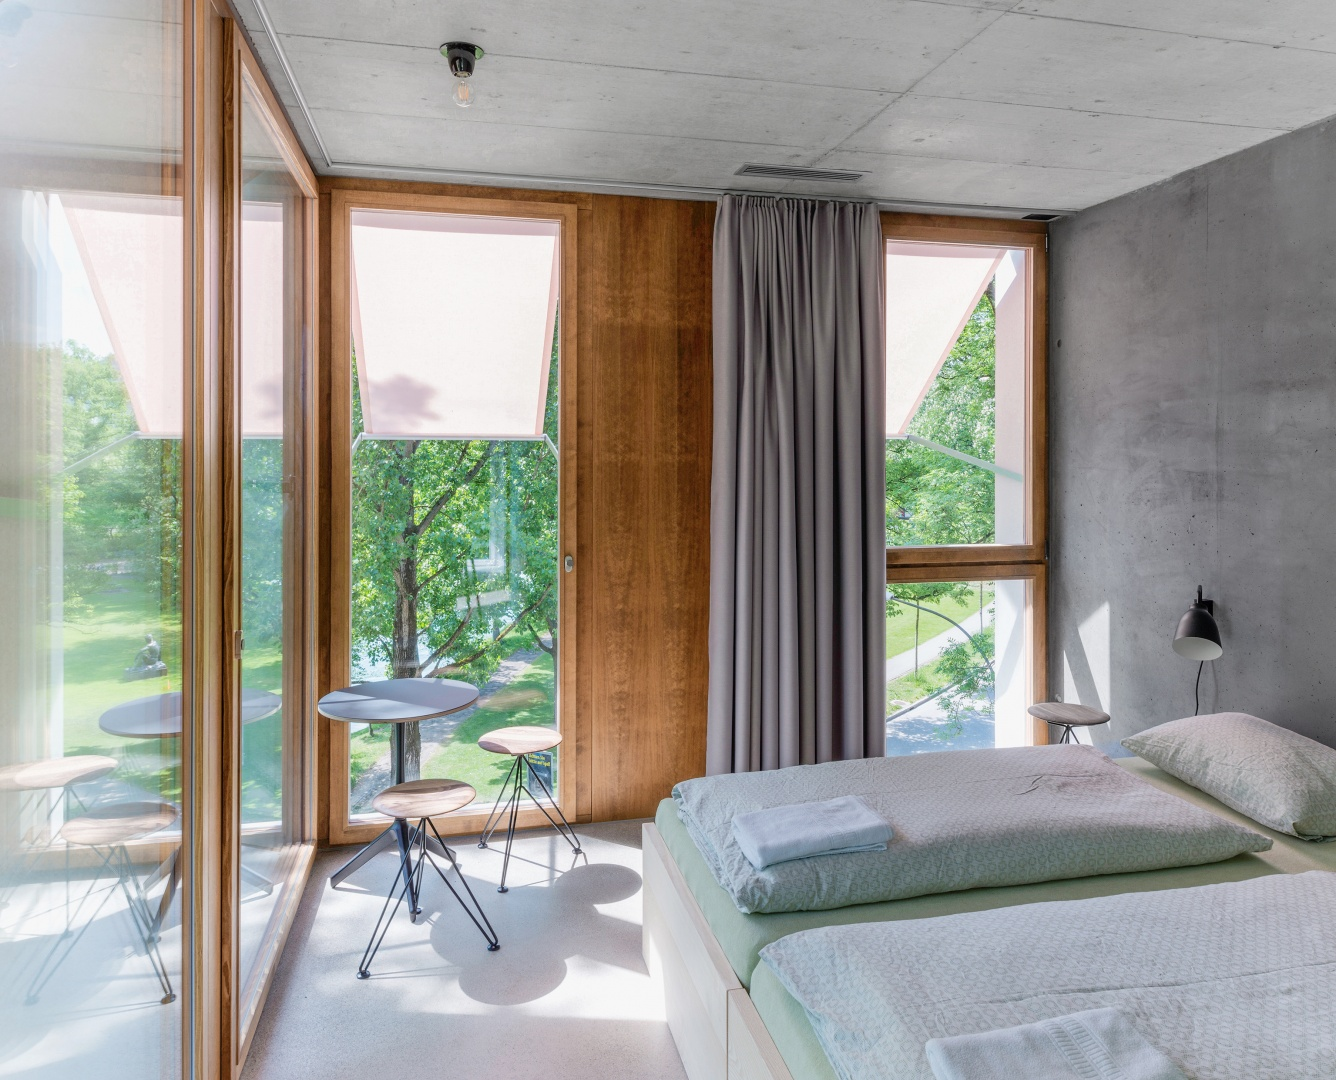 La chambre d'angle  pour les familles, au 1er étage  du nouveau dortoir. Avec sa  façade vitrée orientée sud-est et  les rives de l'Aar, elle ne diffère guère d'une chambre d'hôtel. © Adrian Scheidegger